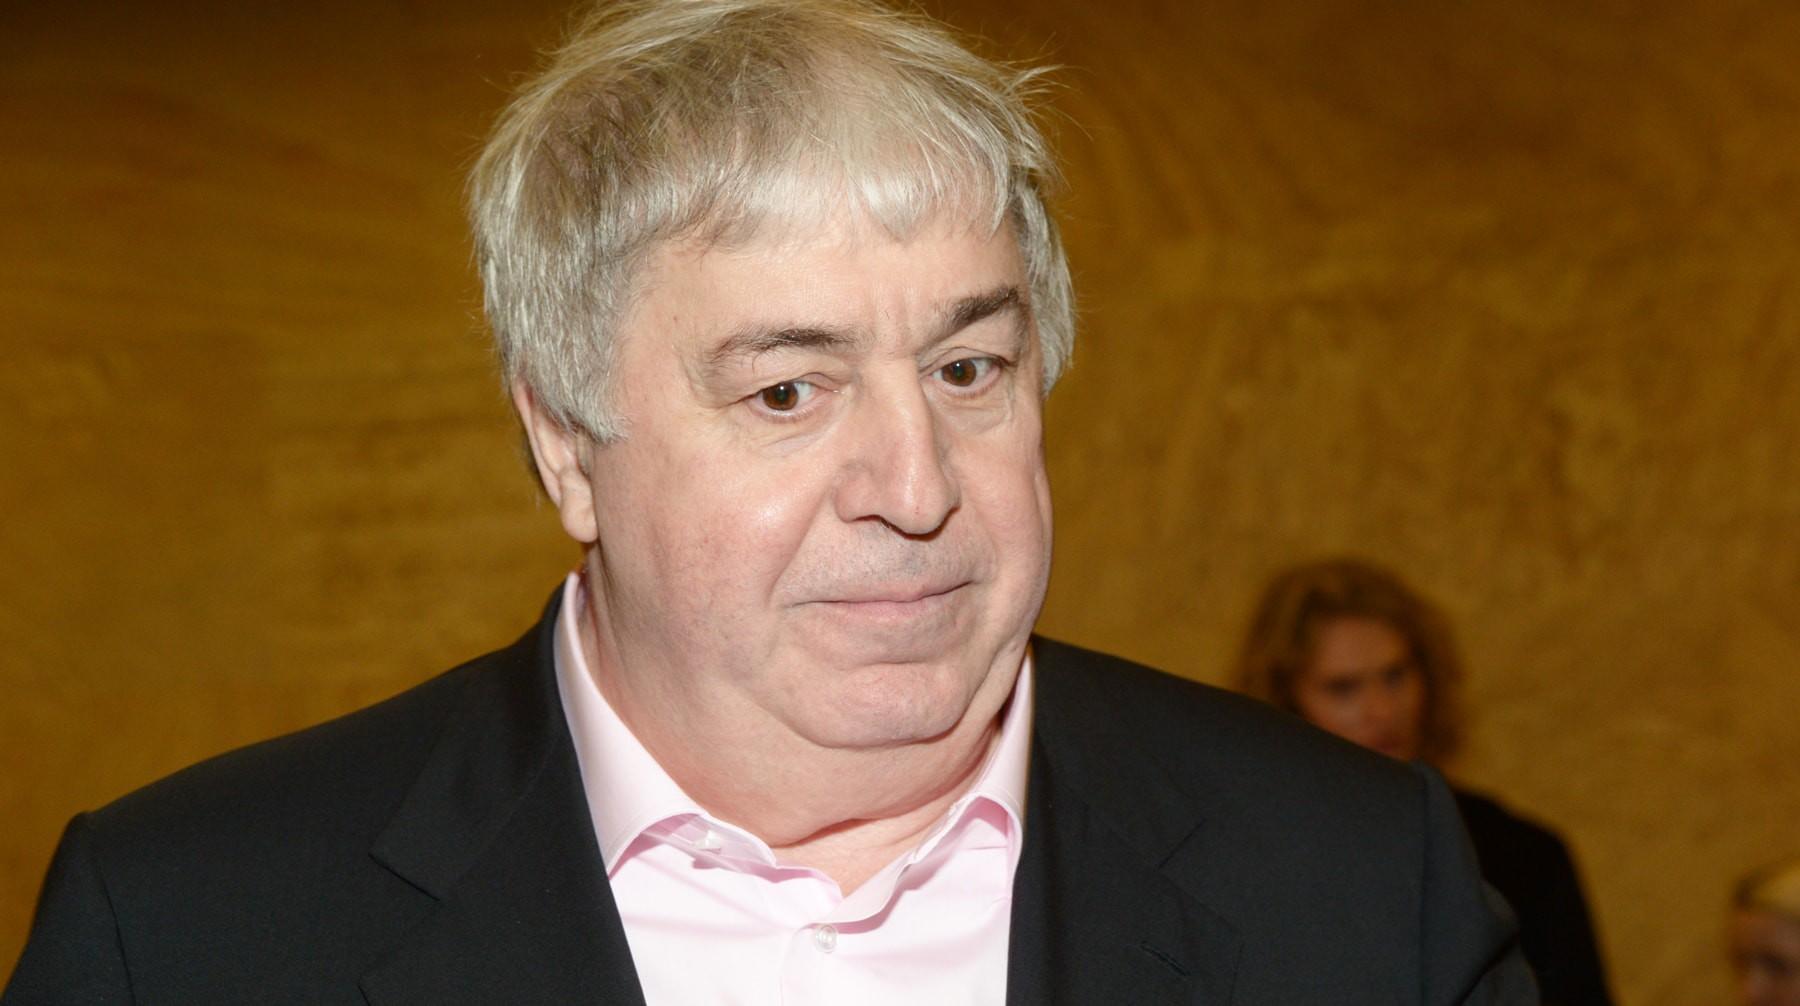 Найдется ли человек, который скажет: «Гуцериев, вы не поэт»?